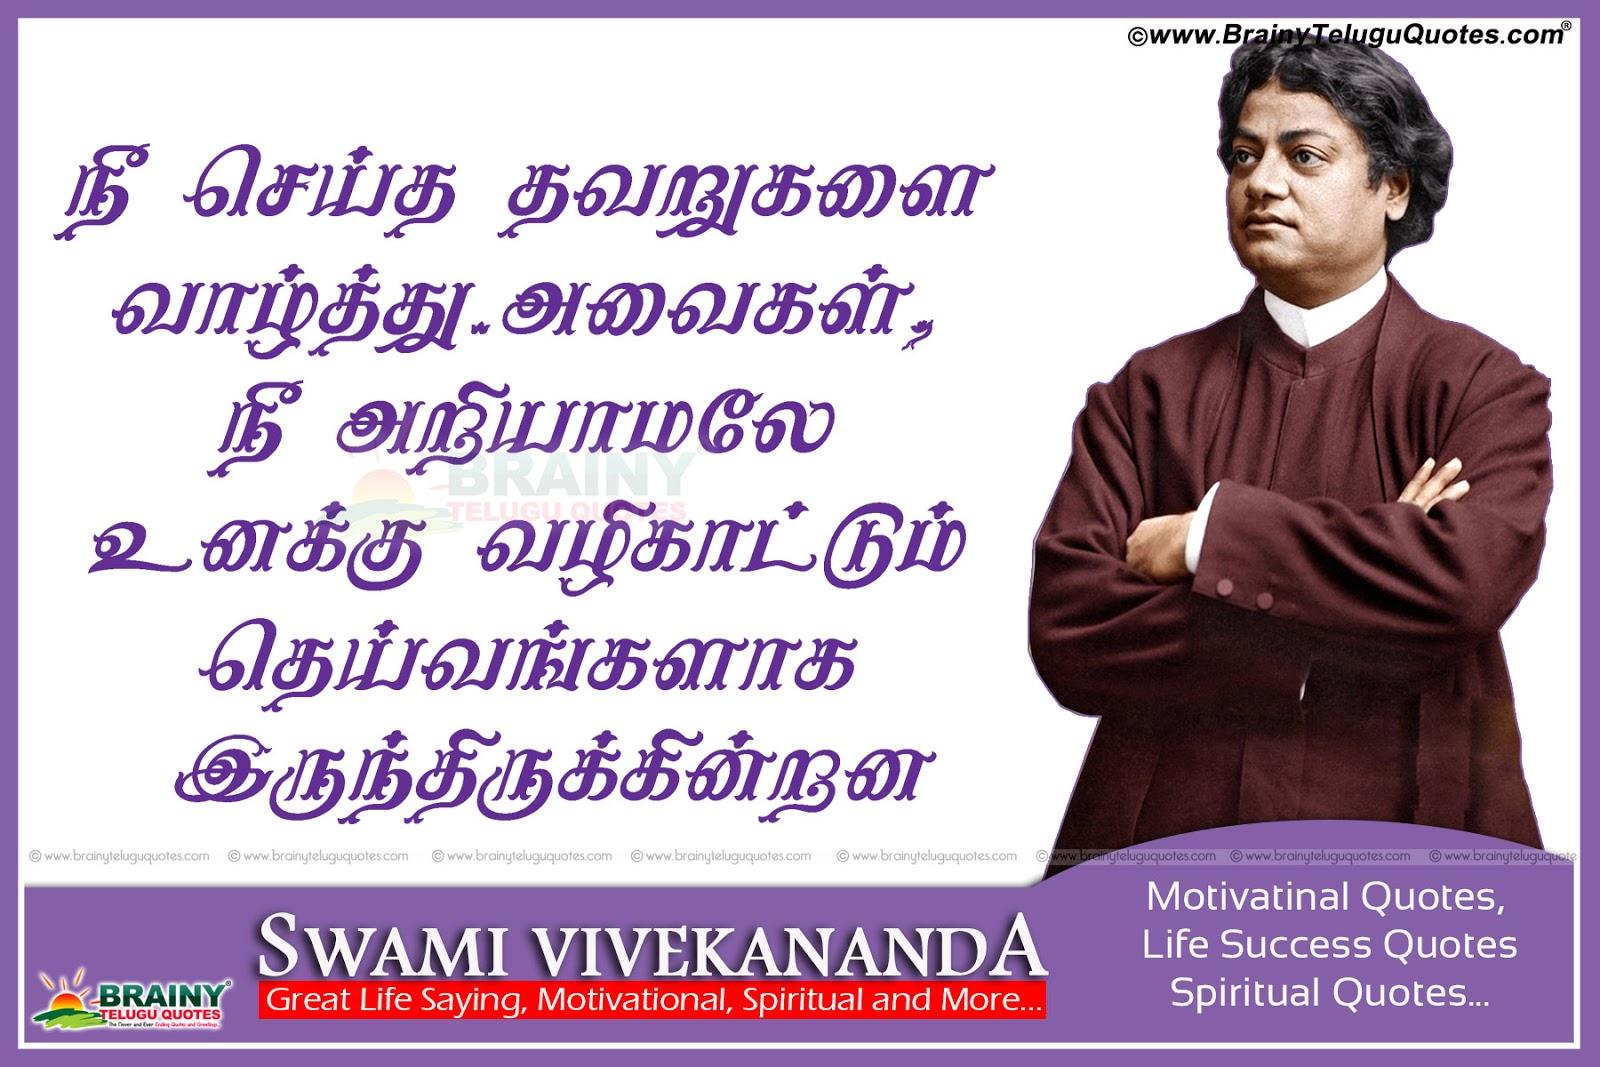 swami vivekananda in tamil